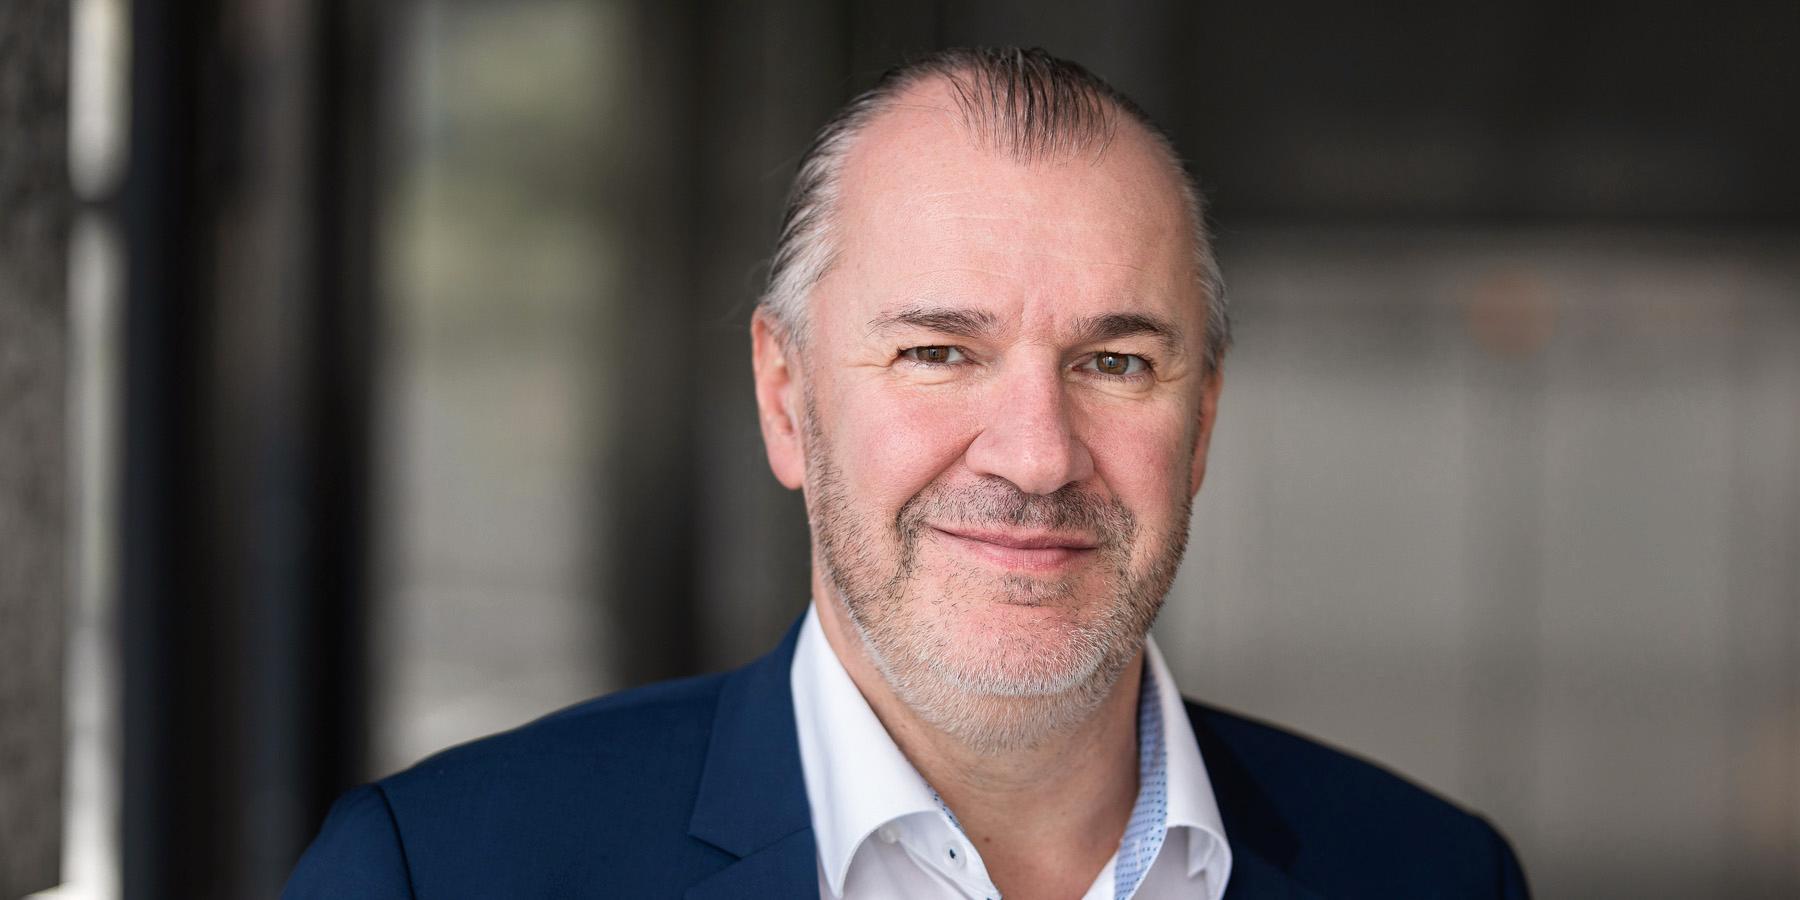 Prof. Dr. Manfred Hauswirth, Geschäftsführender Institutsleiter am Fraunhofer FOKUS